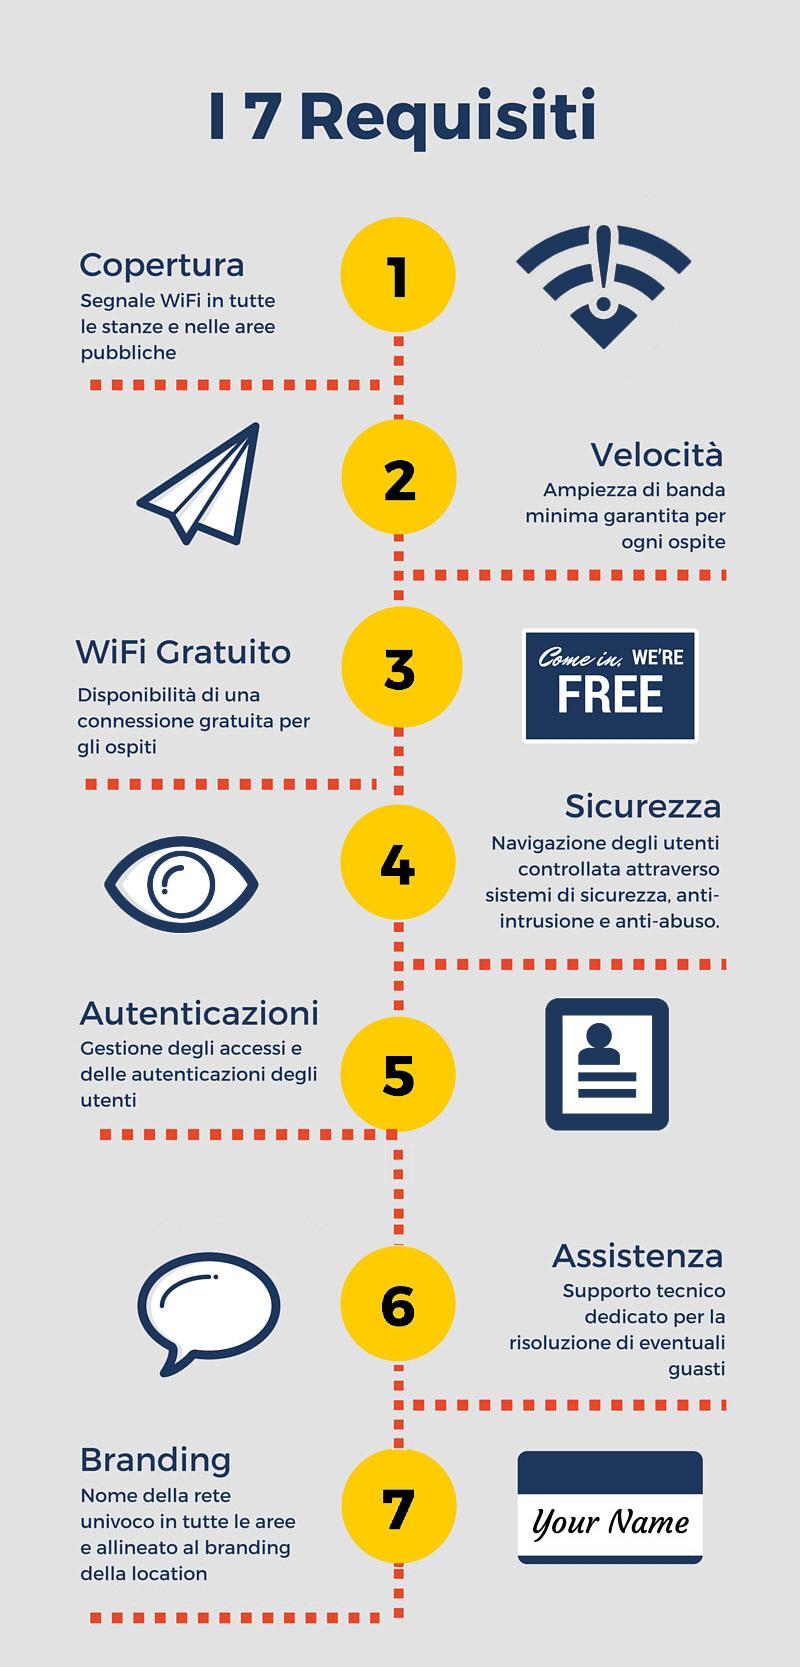 I 7 requisiti tecnici del WiFi per catene alberghiere richiesti dai brand.